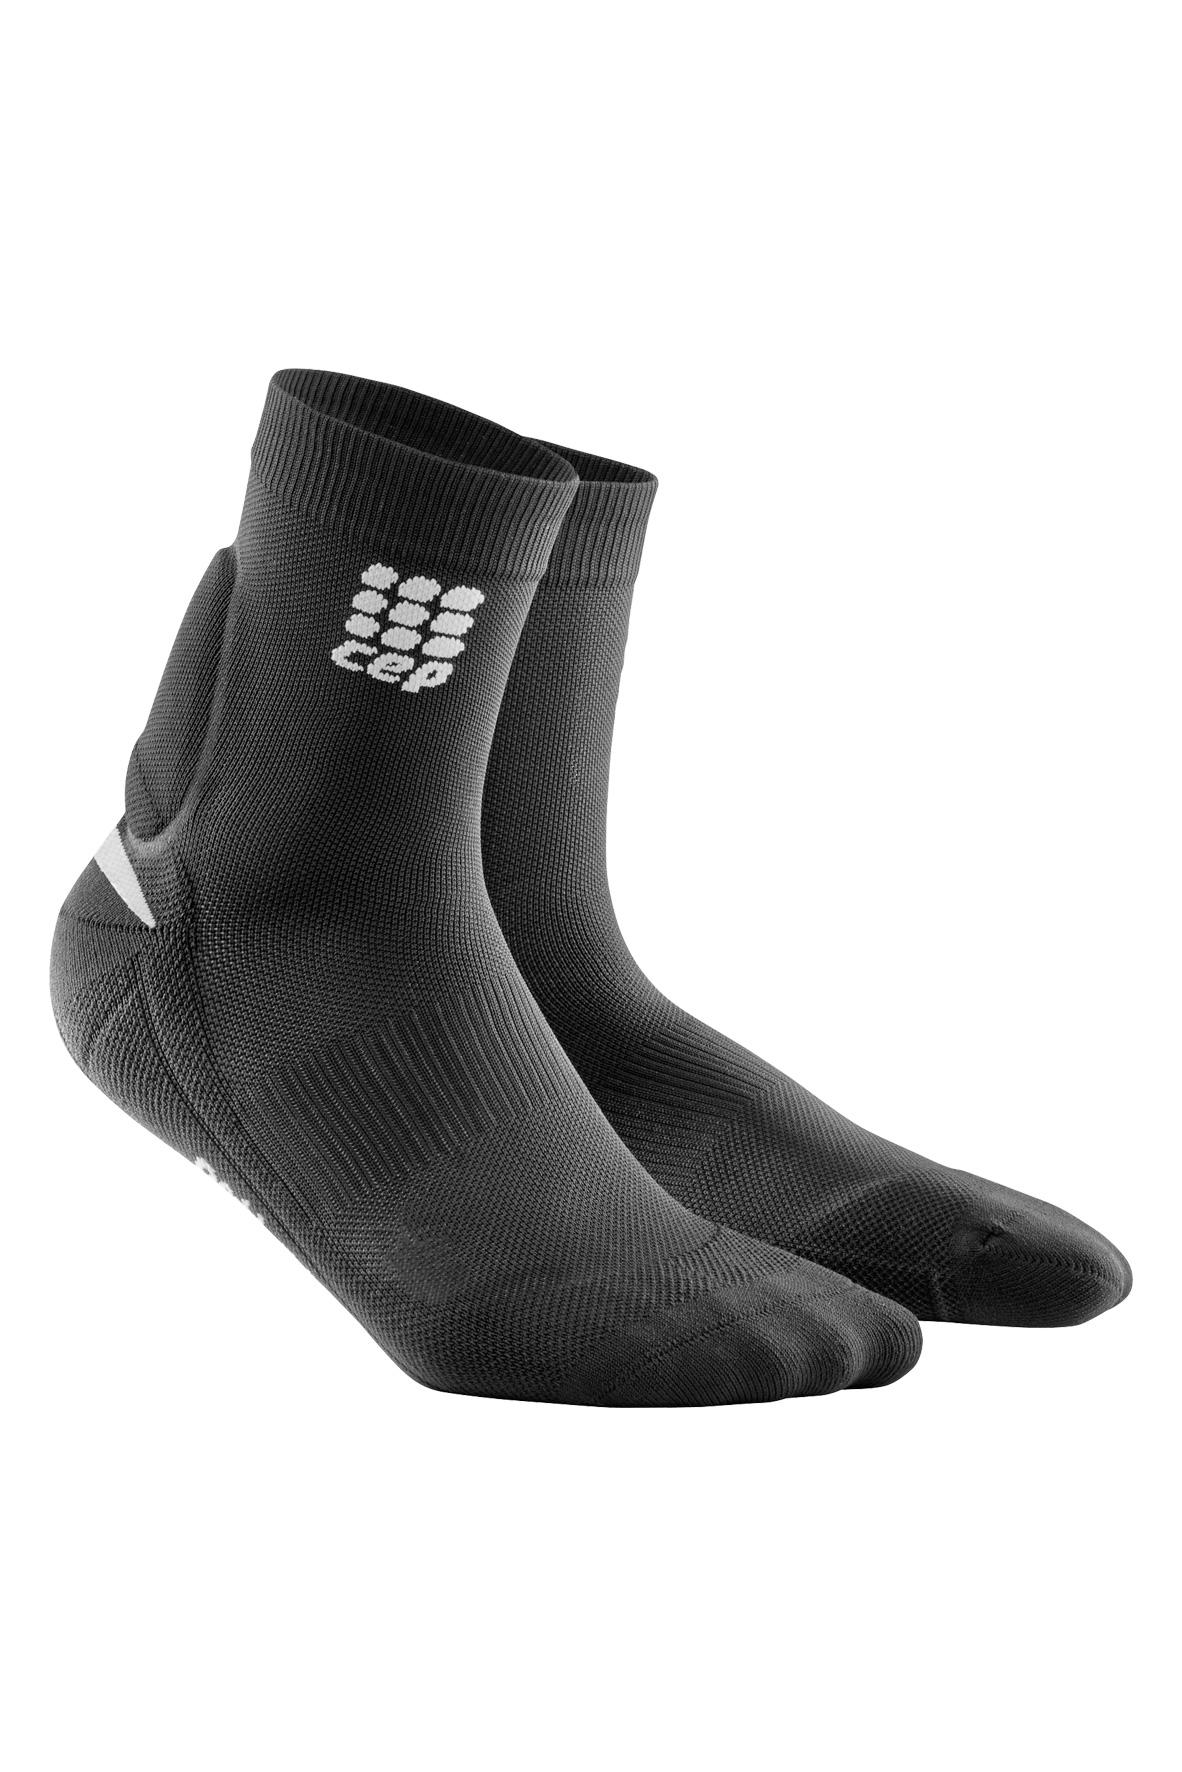 Ponožky s podporou achilovky  b6c0a36600